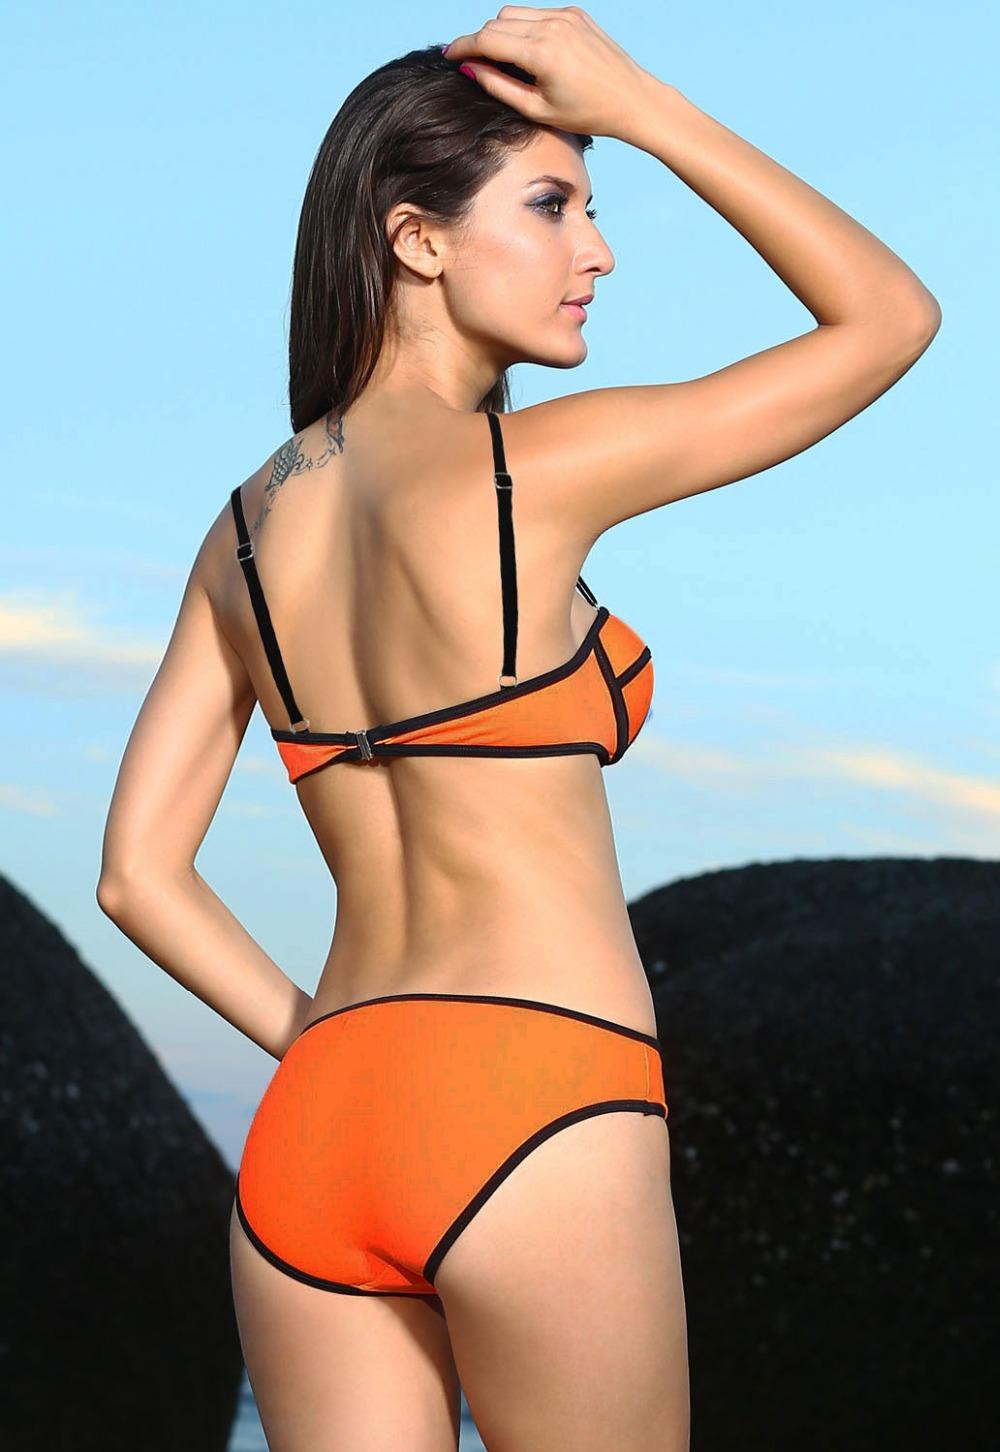 Women Bathing Suit Orange Strappy Swimwear Push Up Low Waist Bikinis 2016 Women s Swimsuit